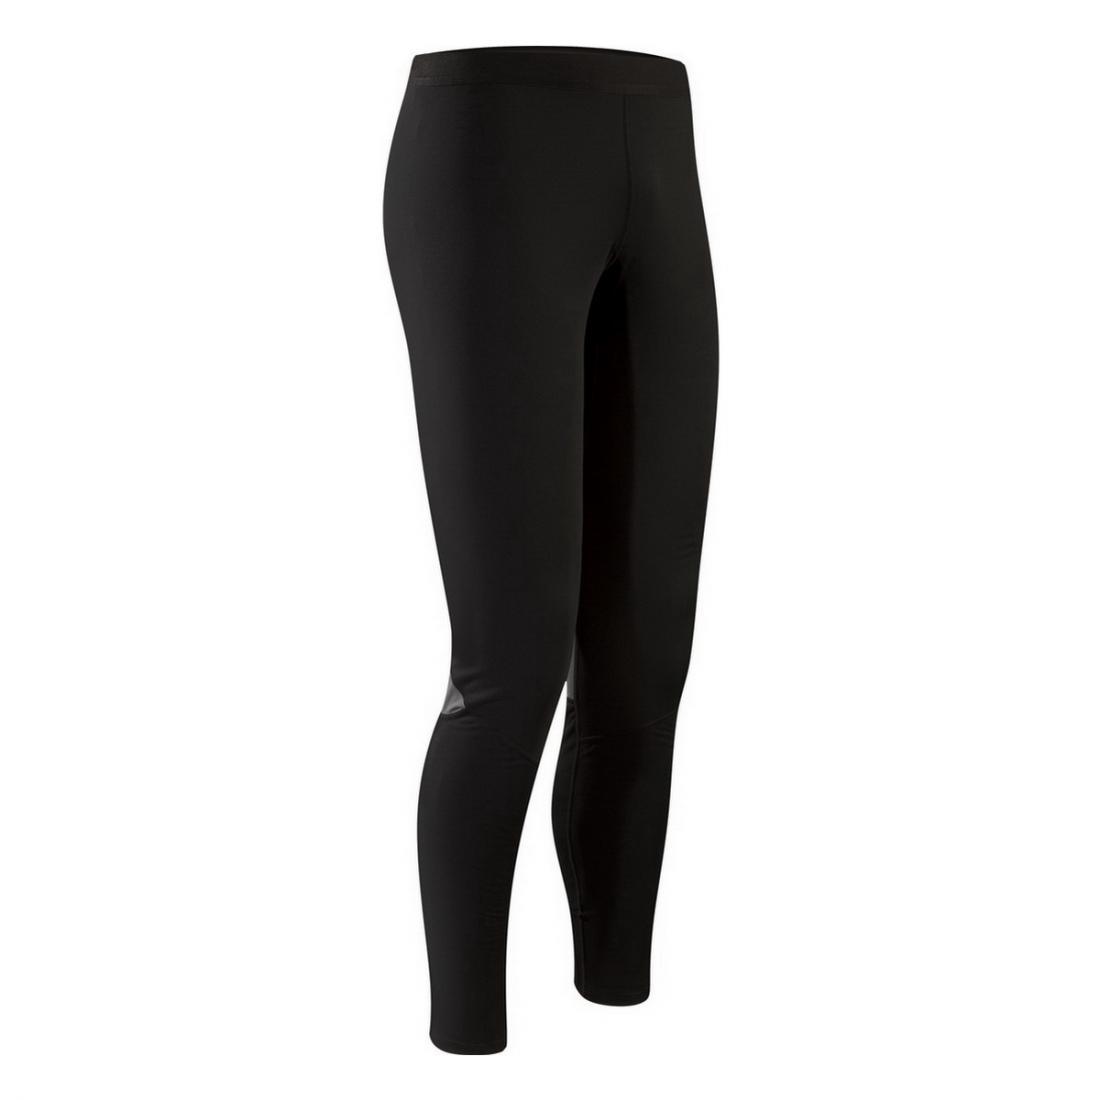 Термобелье брюки Phase AR Bottom муж.Брюки<br>Термобрюки Phase AR Bottom от канадской компании Arcteryx предназначены для мужчин, которые предпочитают высокогорный туризм, активный зимний отдых...<br><br>Цвет: Темно-серый<br>Размер: XL